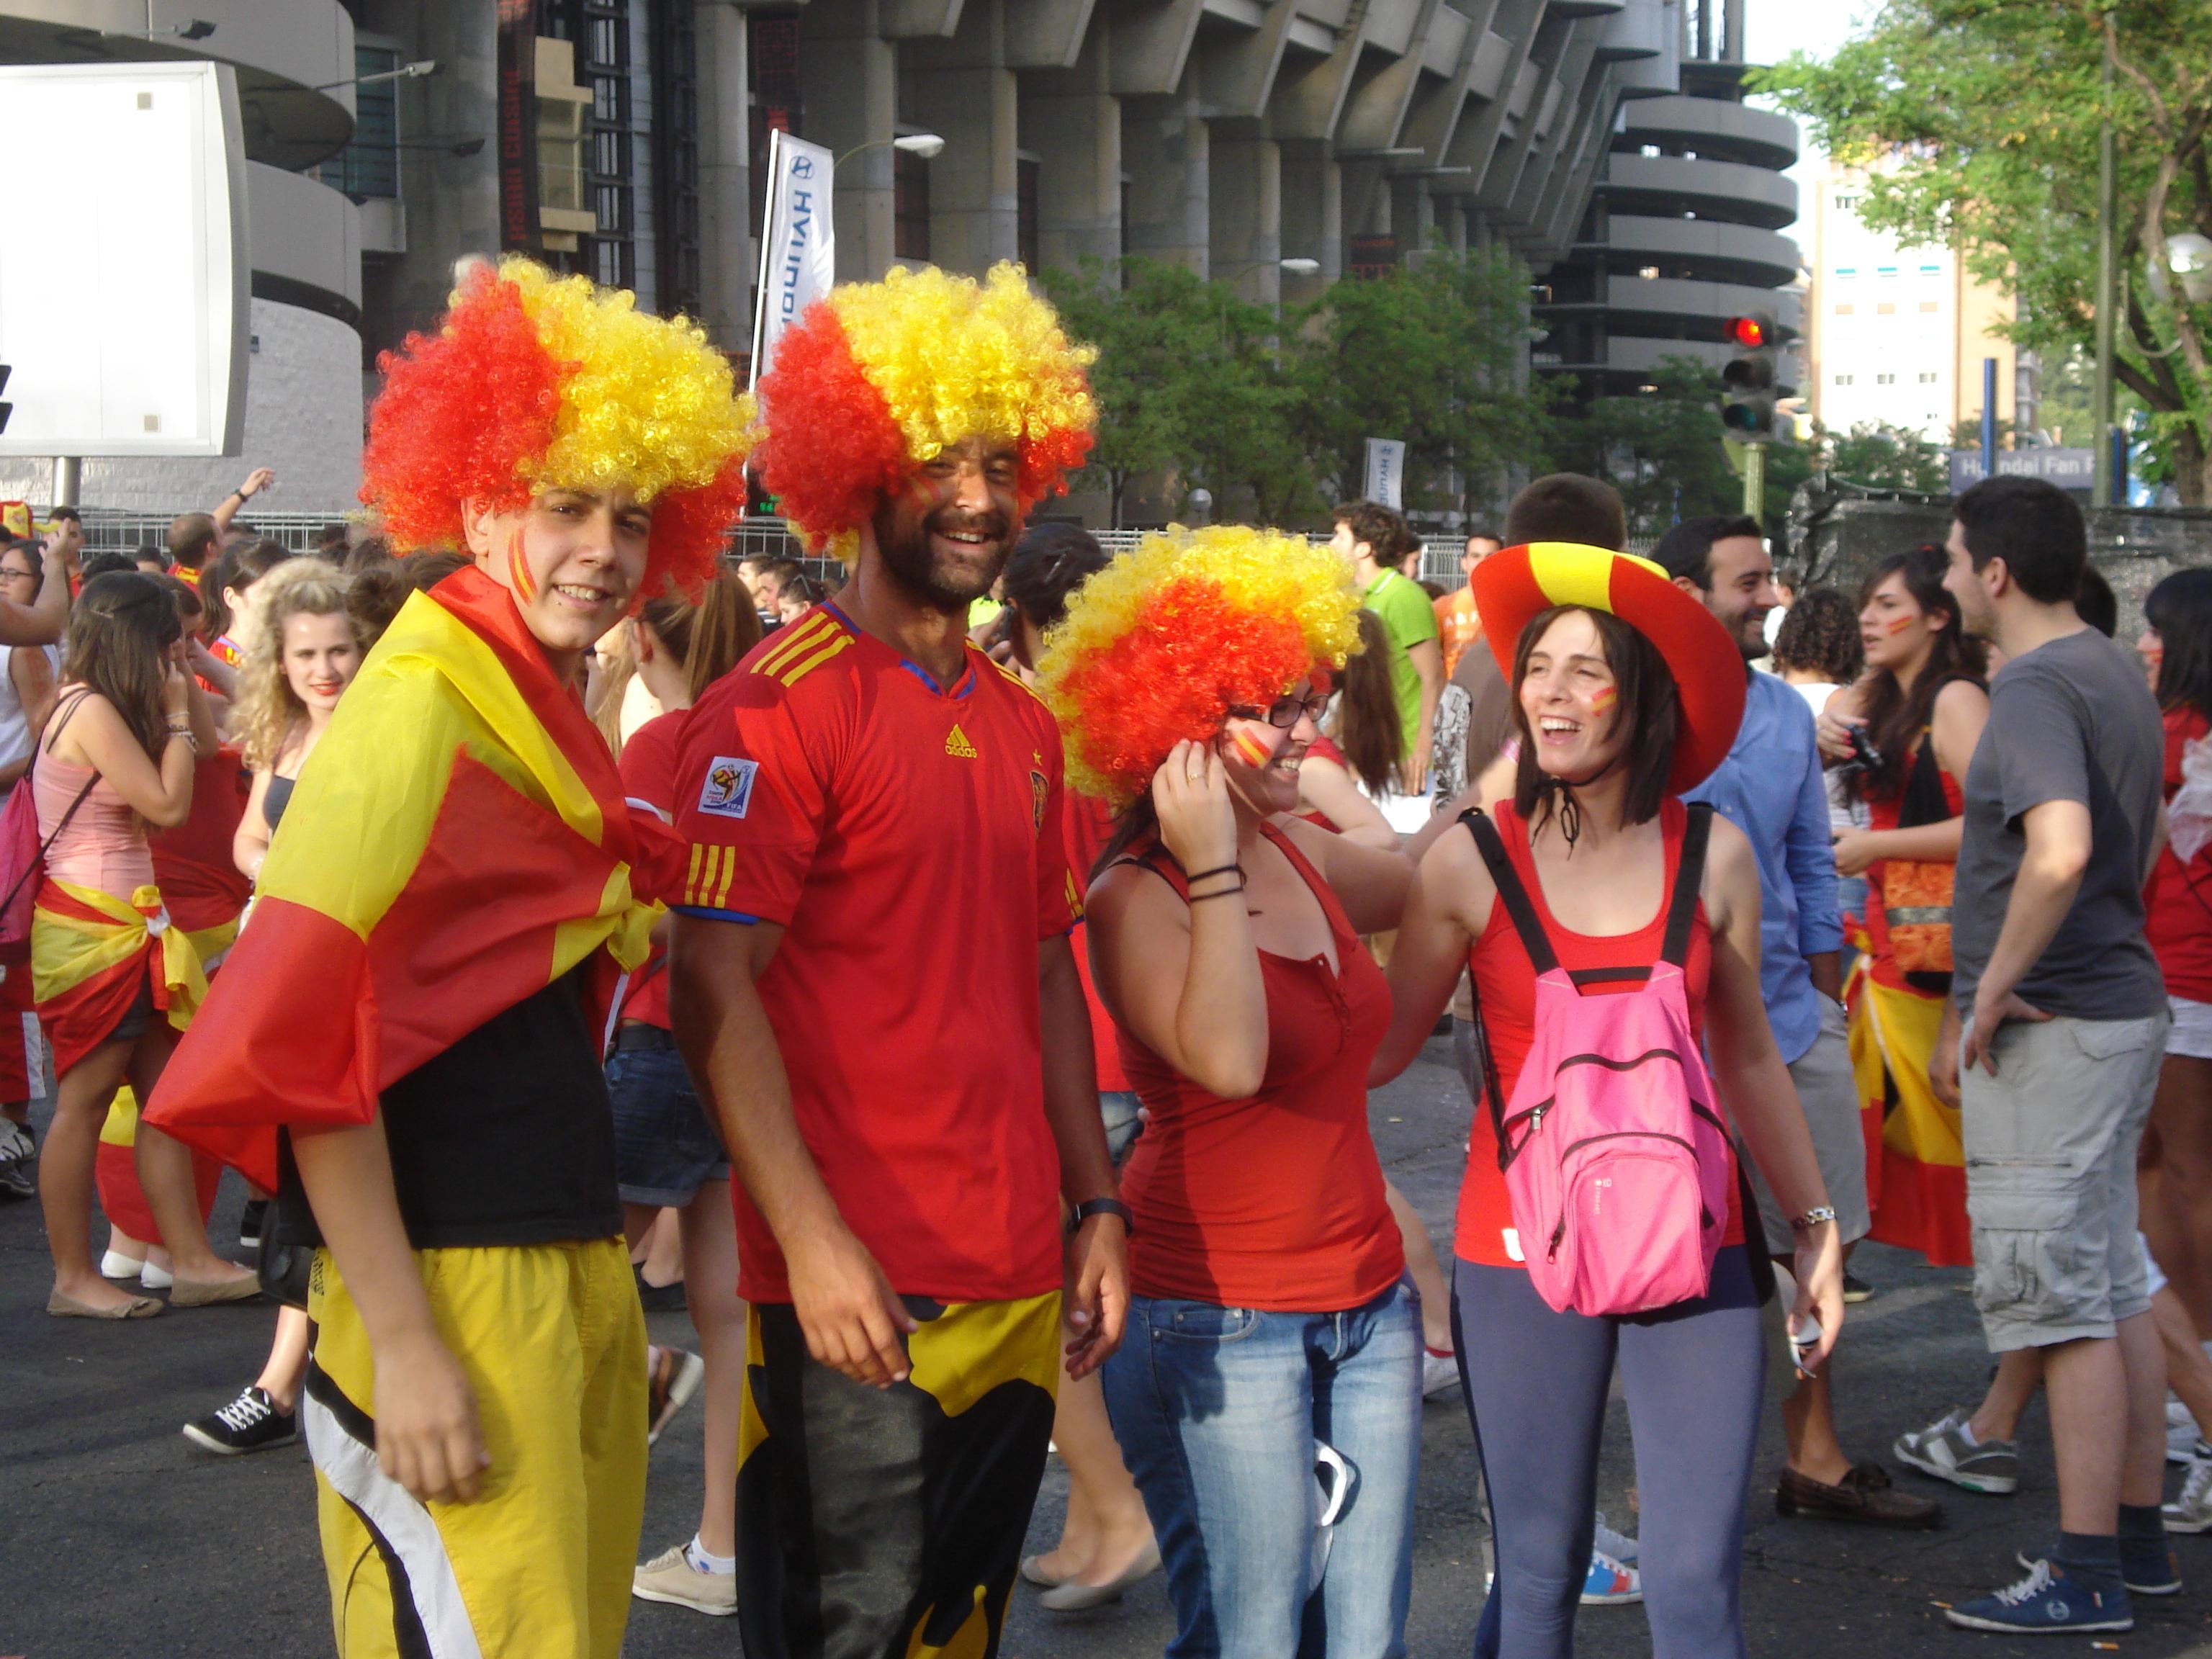 ЕВРО-2012. Первый полуфинал: Португалия – Испания